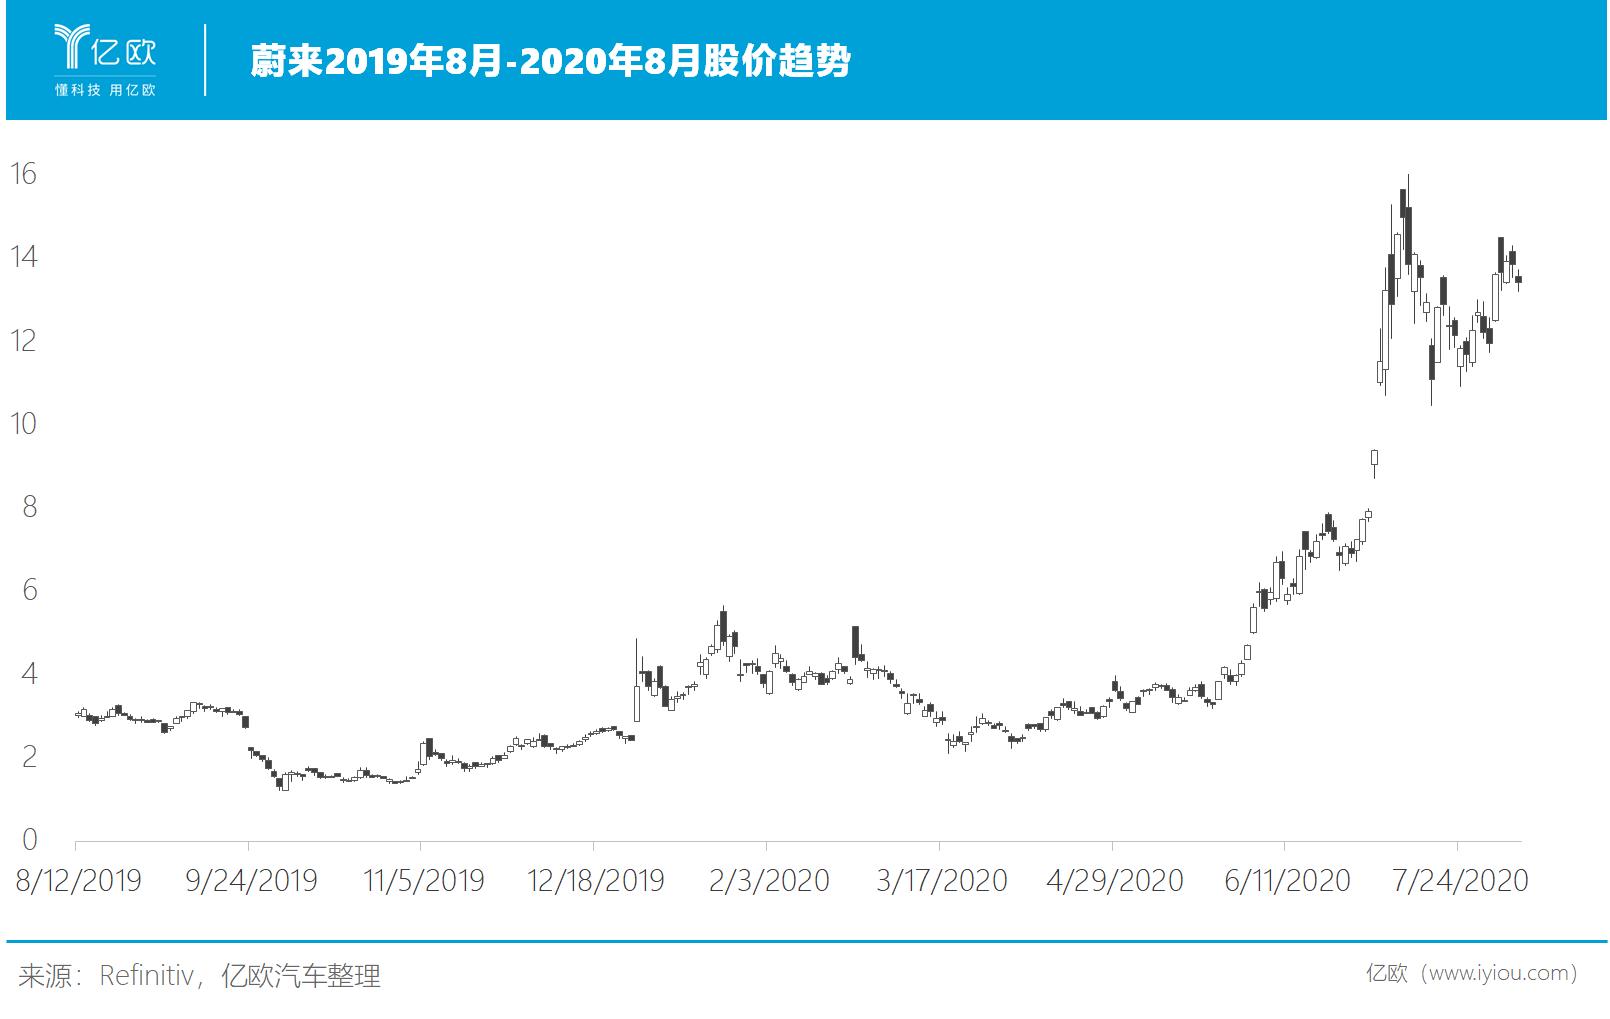 蔚来2019年8月-2020年8月股价趋势